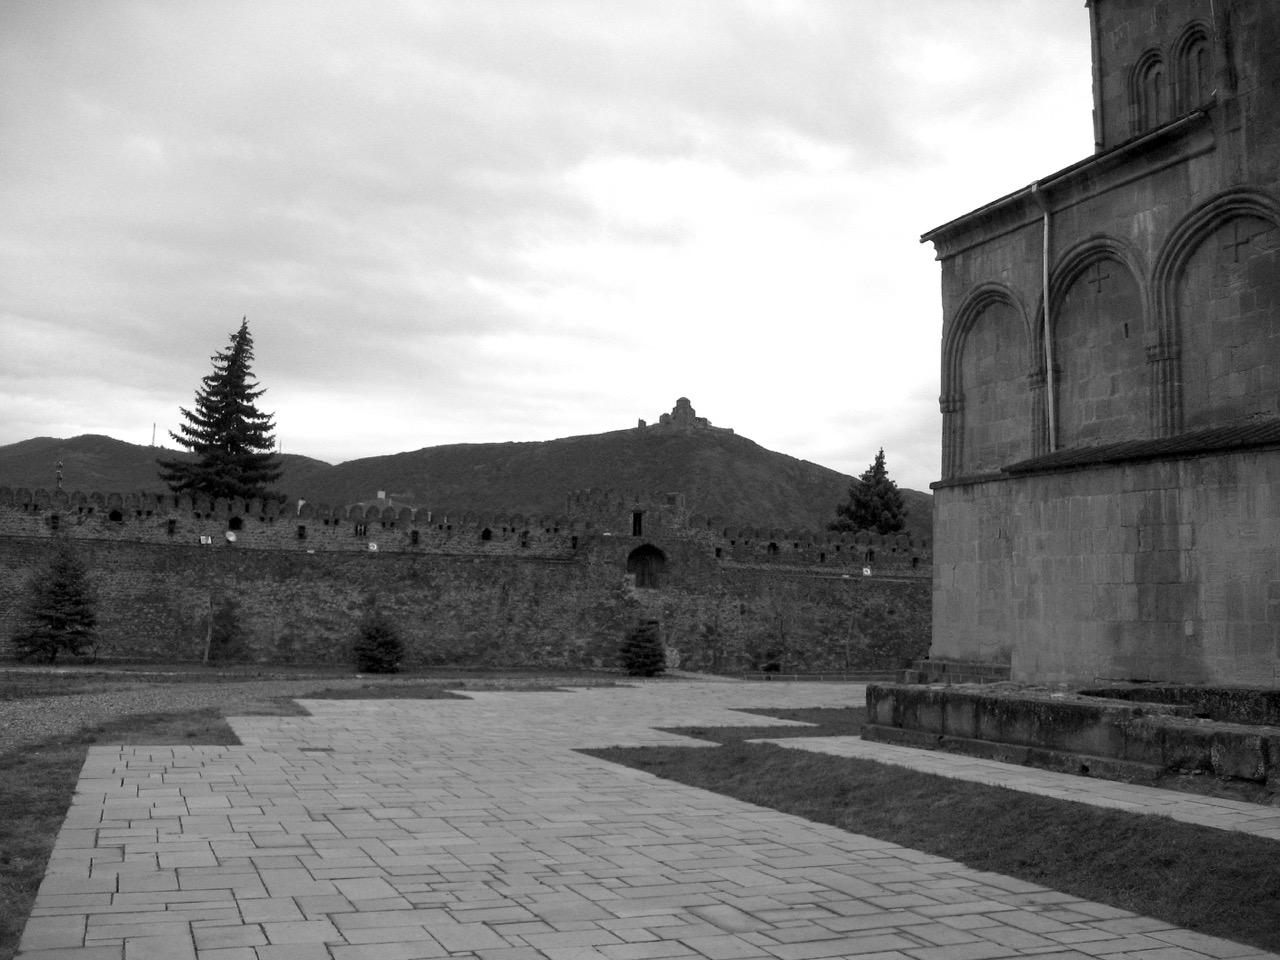 Foto: Mzcheta. Aus: Eriwan. Kapitel 1. Aufzeichnungen aus Armenien von Marc Degens.